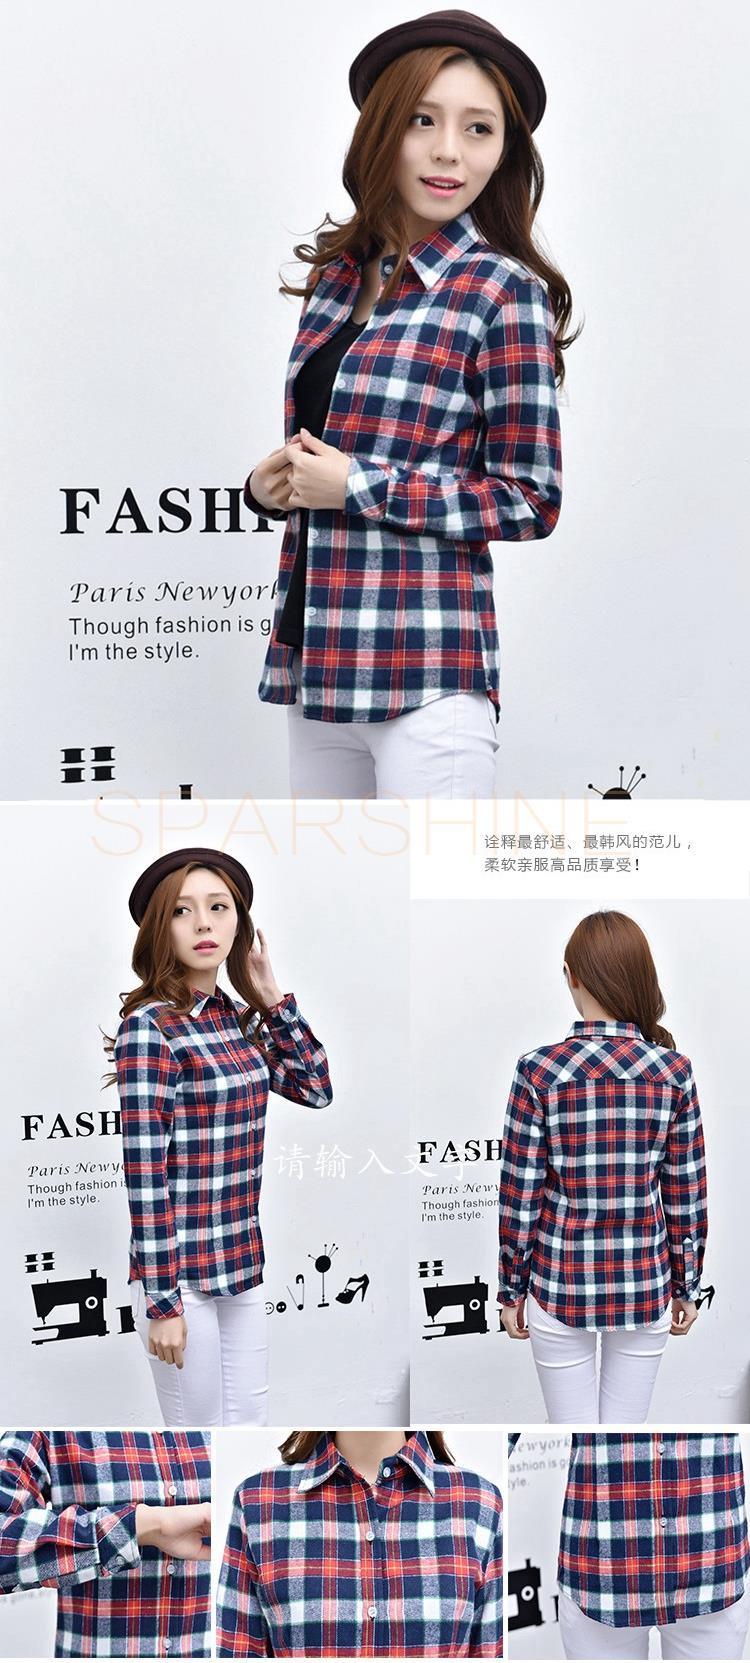 HTB1pFHkLFXXXXc5XFXXq6xXFXXX8 - Girl's Plaid Flannel Shirt PTC 67